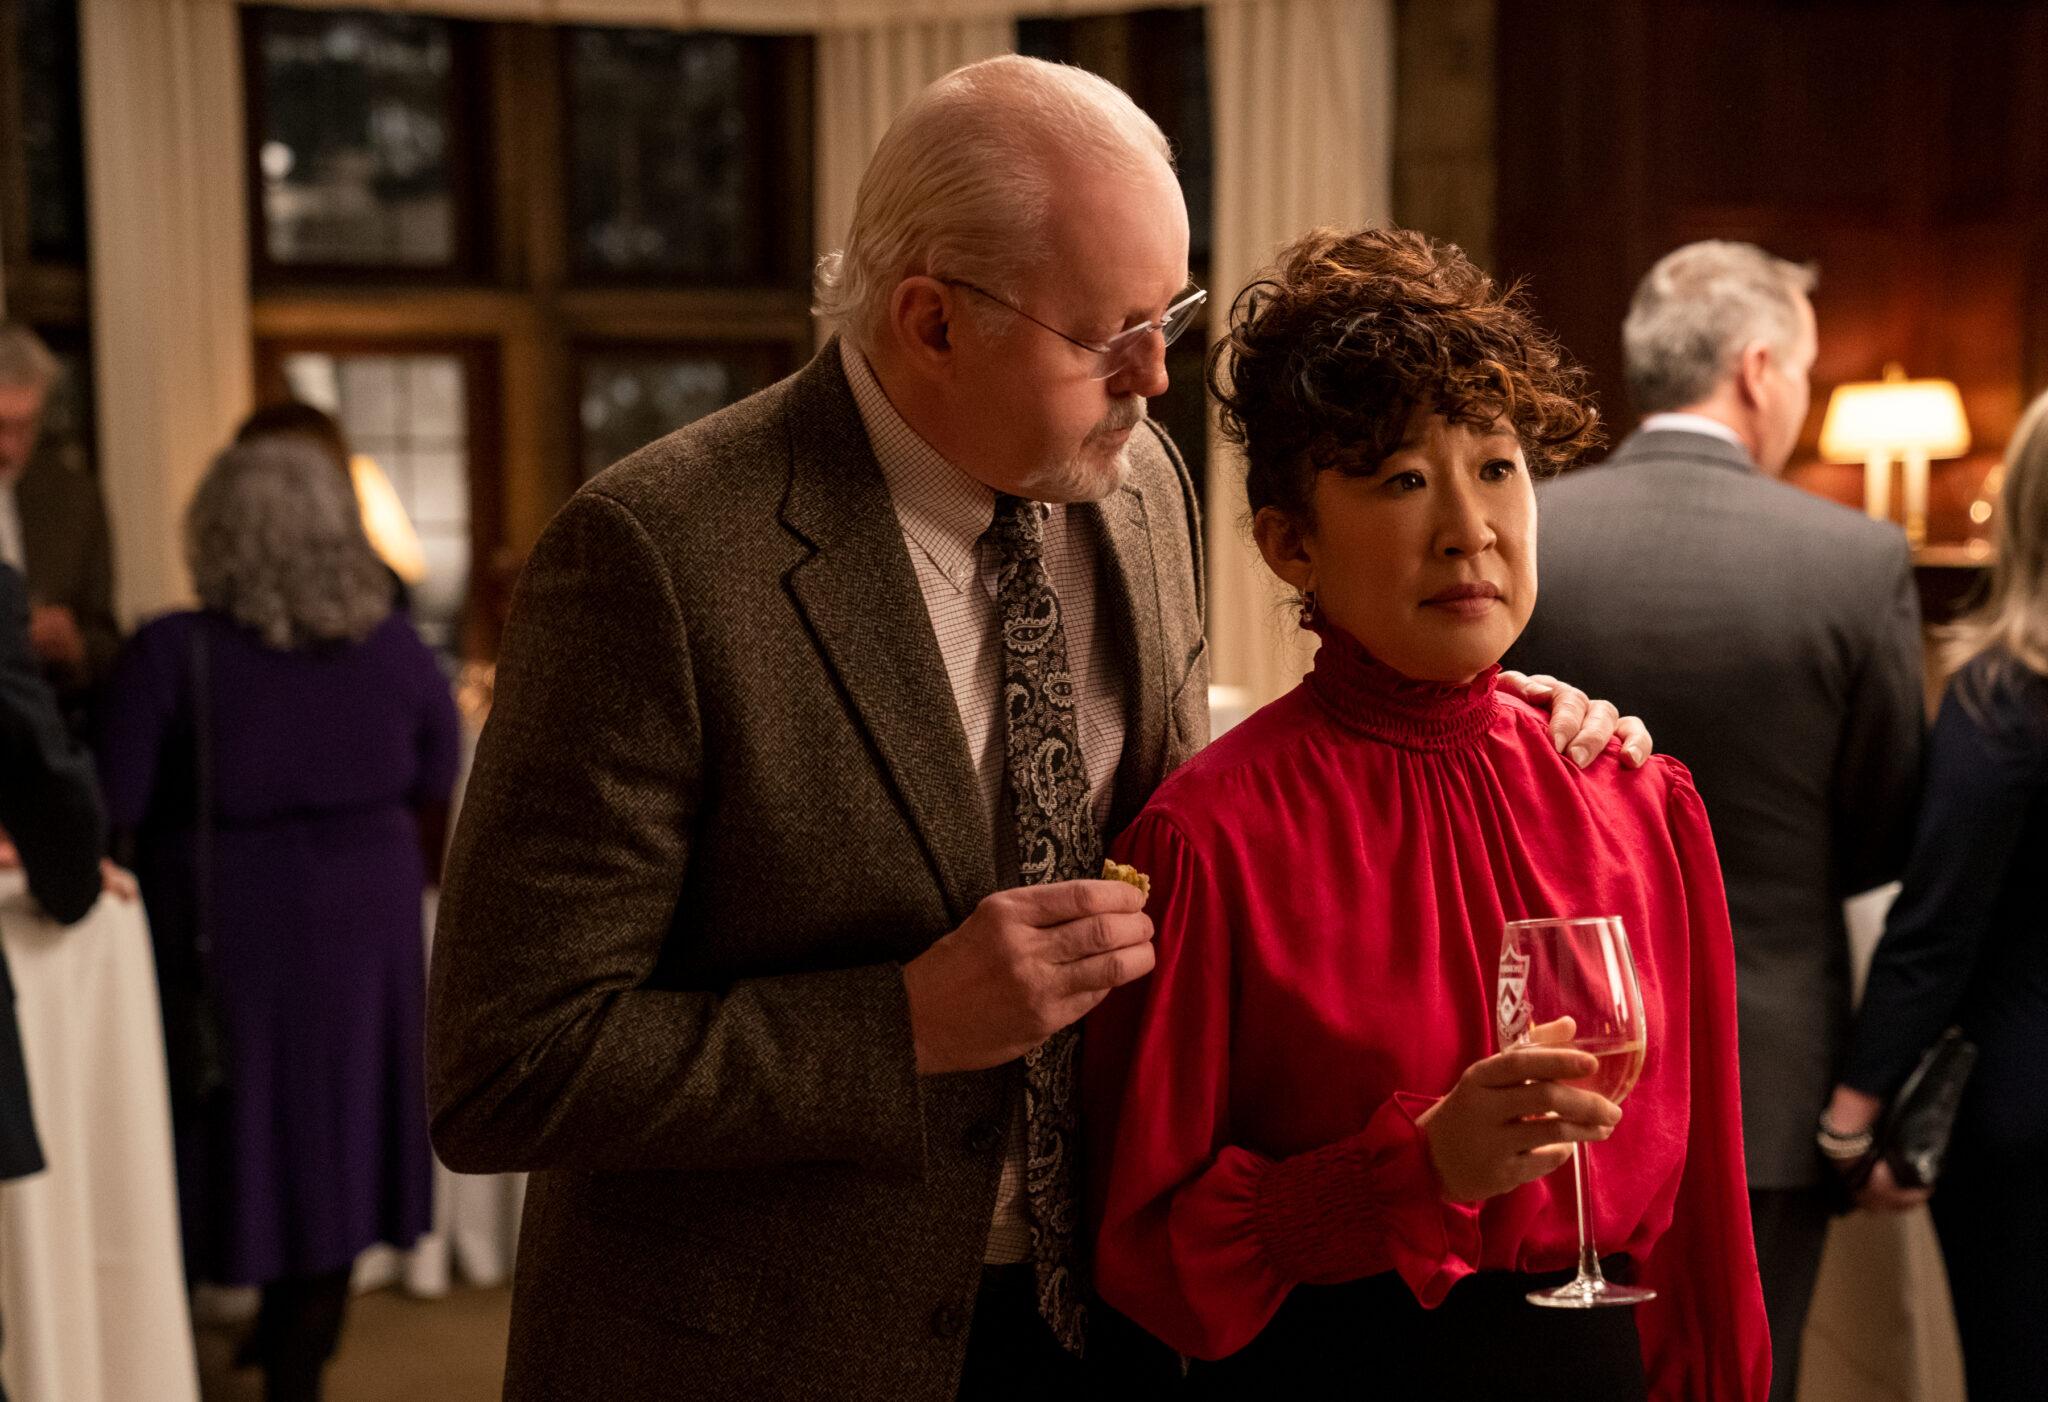 David Morse steht hinter Sandra Oh und legt ihr seine linke Hand auf die Schulter. Sie trägt ein rotes Kleid und in der rechten Hand ein Weinglas, halb gefüllt. Hinter den beiden sieht man einige Personen auf der Abendgesellschaft.